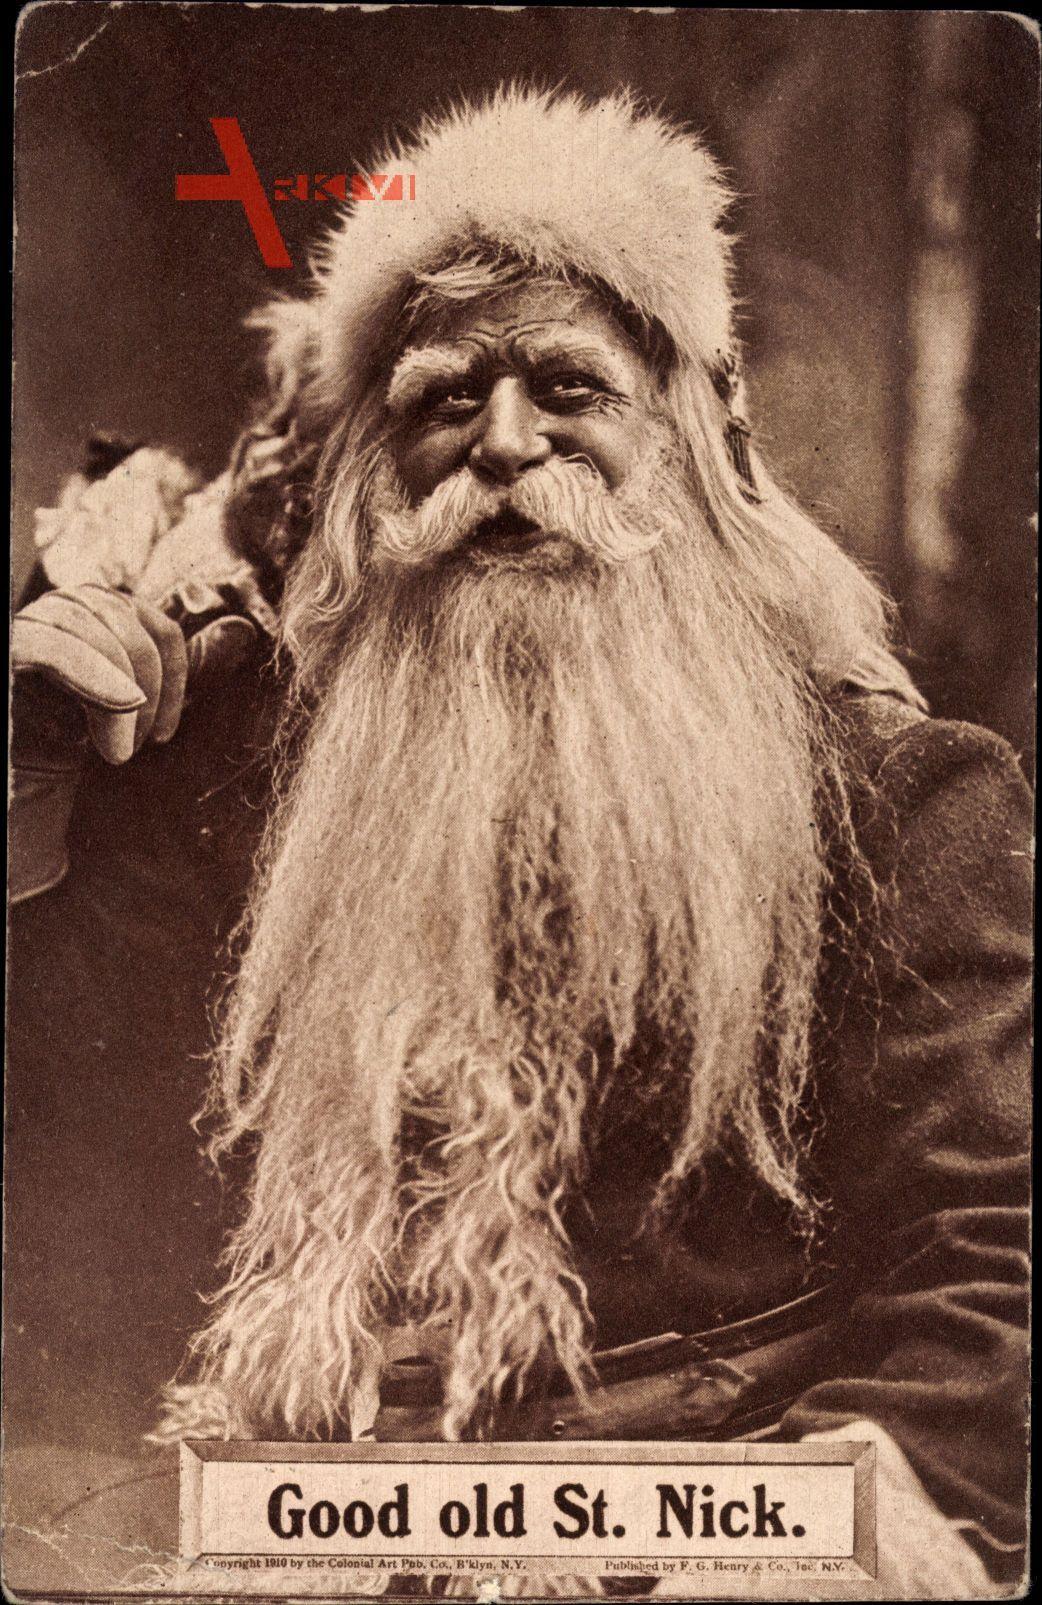 Frohe Weihnachten, Weihnachtsmann, St. Nick, Nikolaus